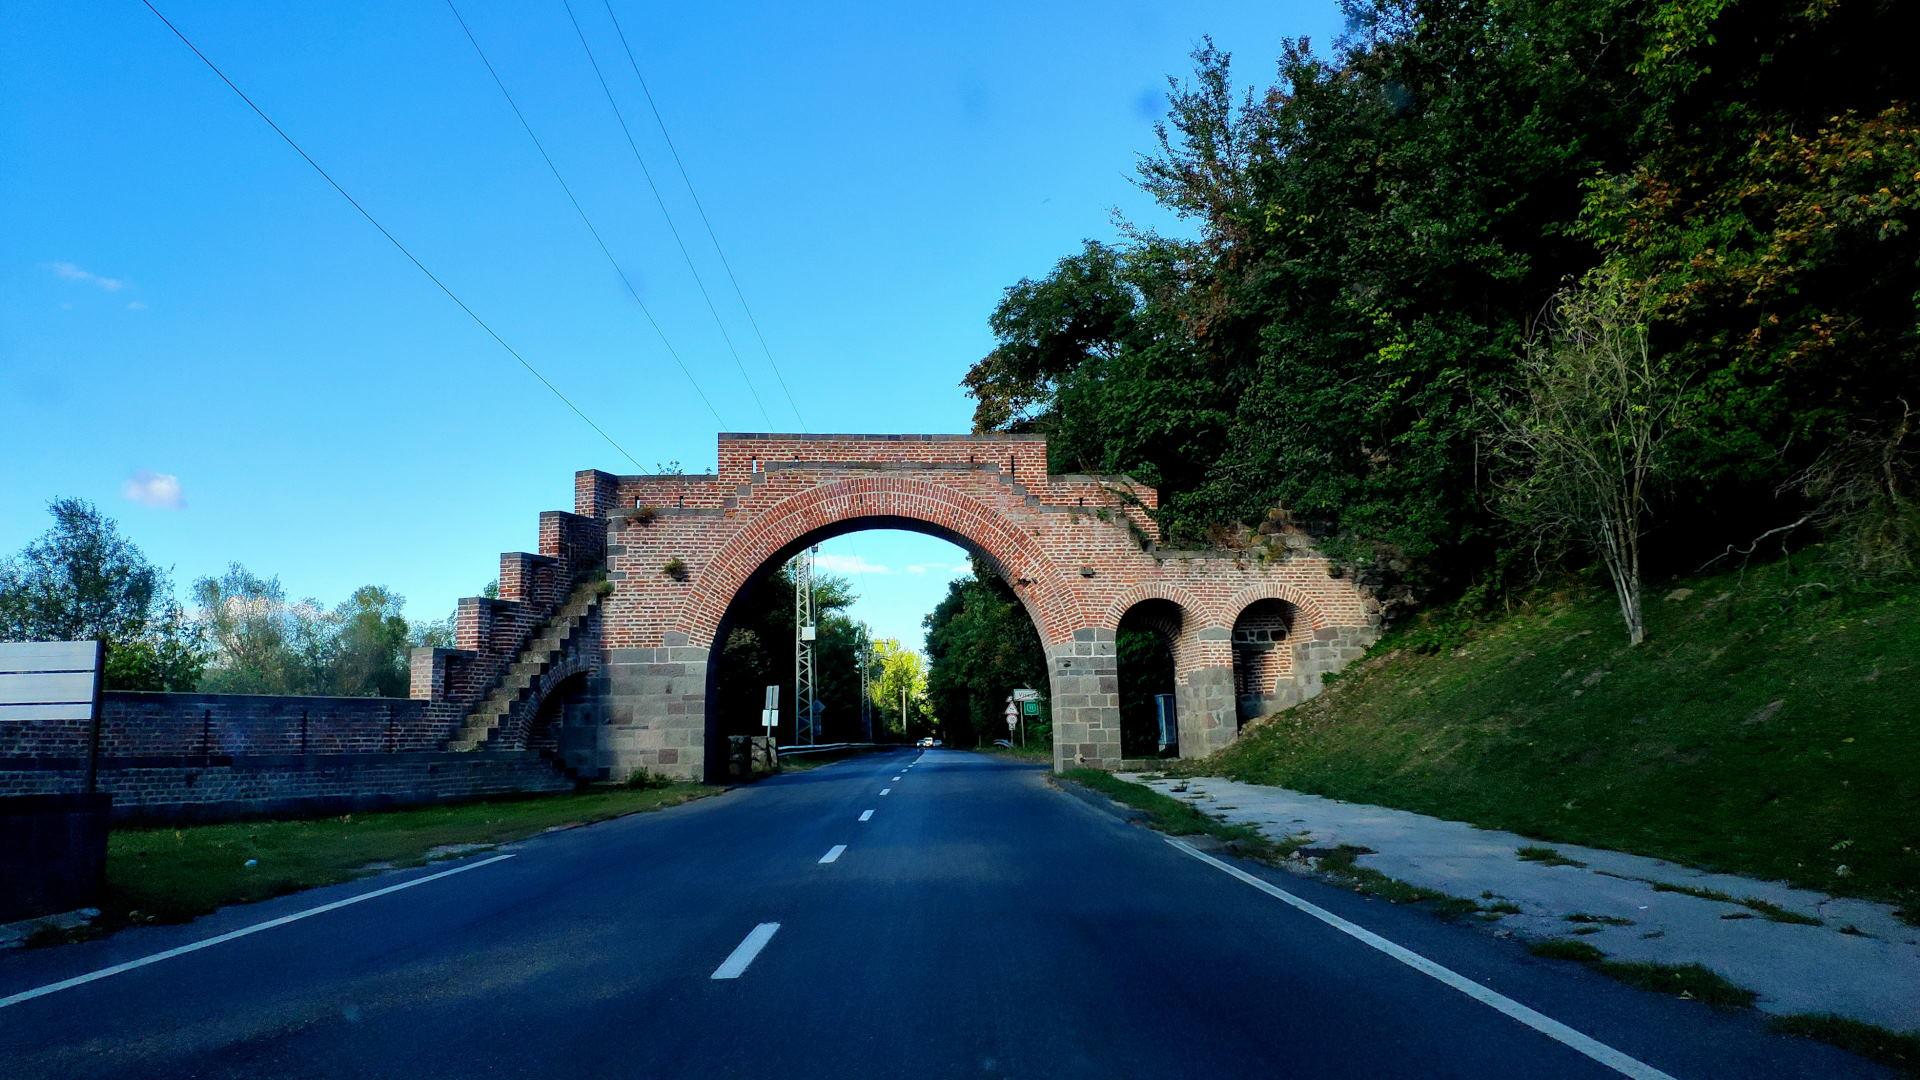 híd az út felett